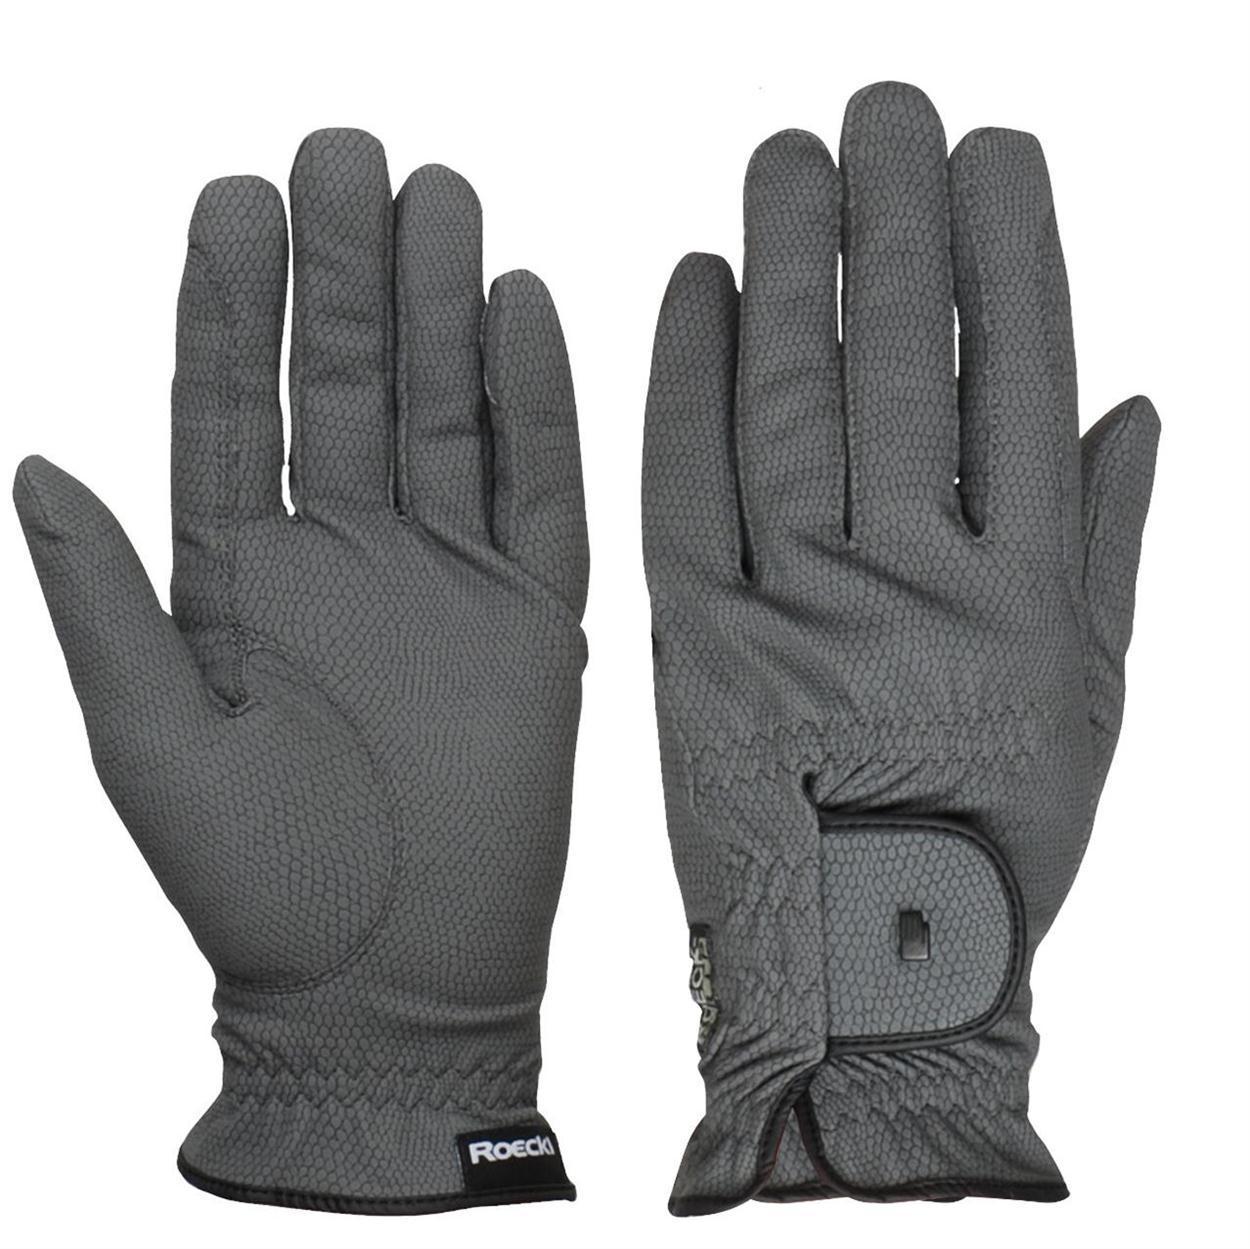 Roeckl Roeck grip Handschoen grijs maat:8,5